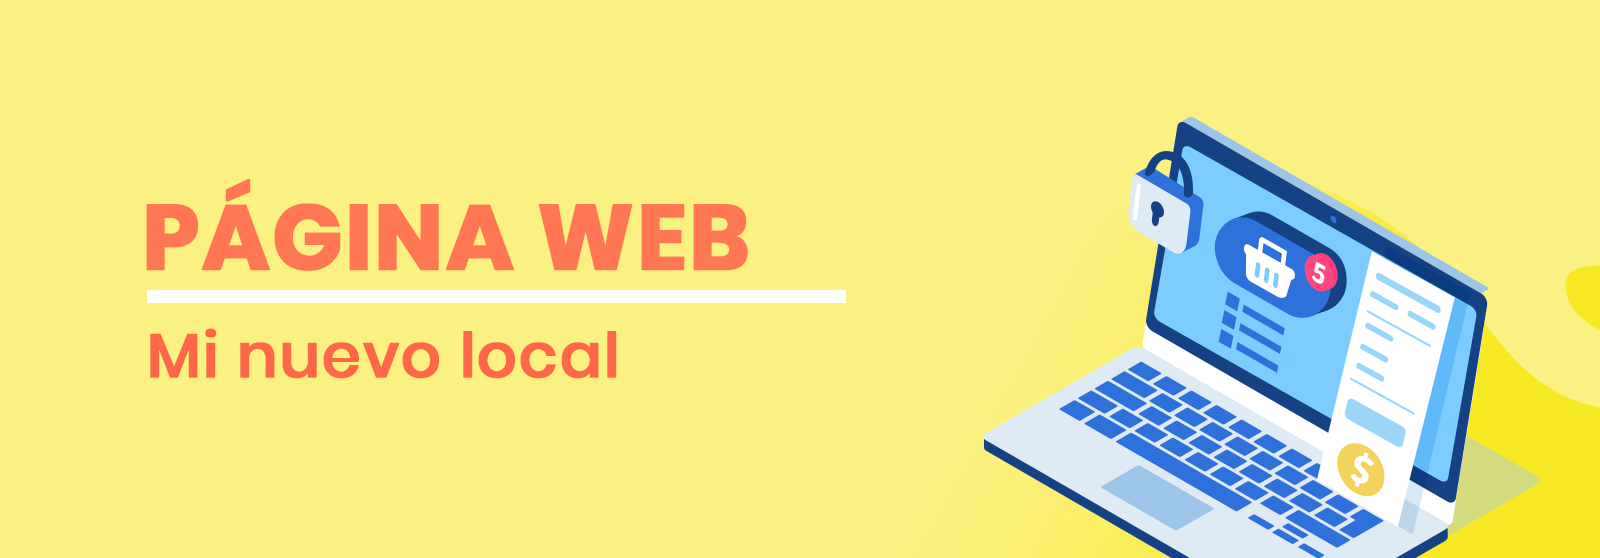 E-commerce página web